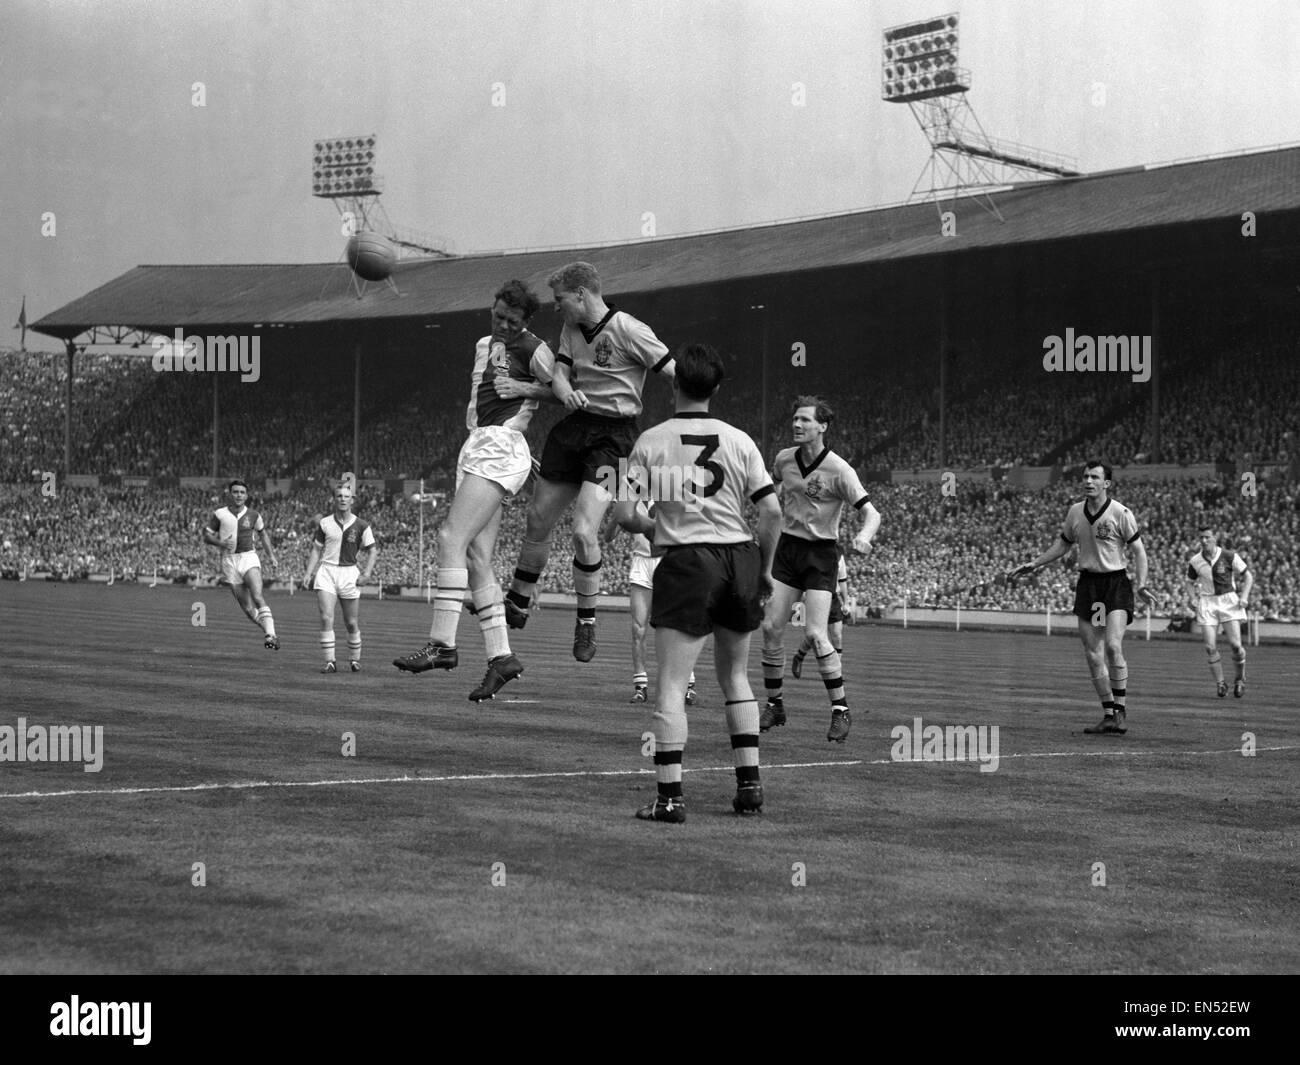 FA Cup Final 1960 at Wembley. Wolverhampton Wanderers 3 v. Blackburn Rovers 0. Saturday 7th May. Stock Photo